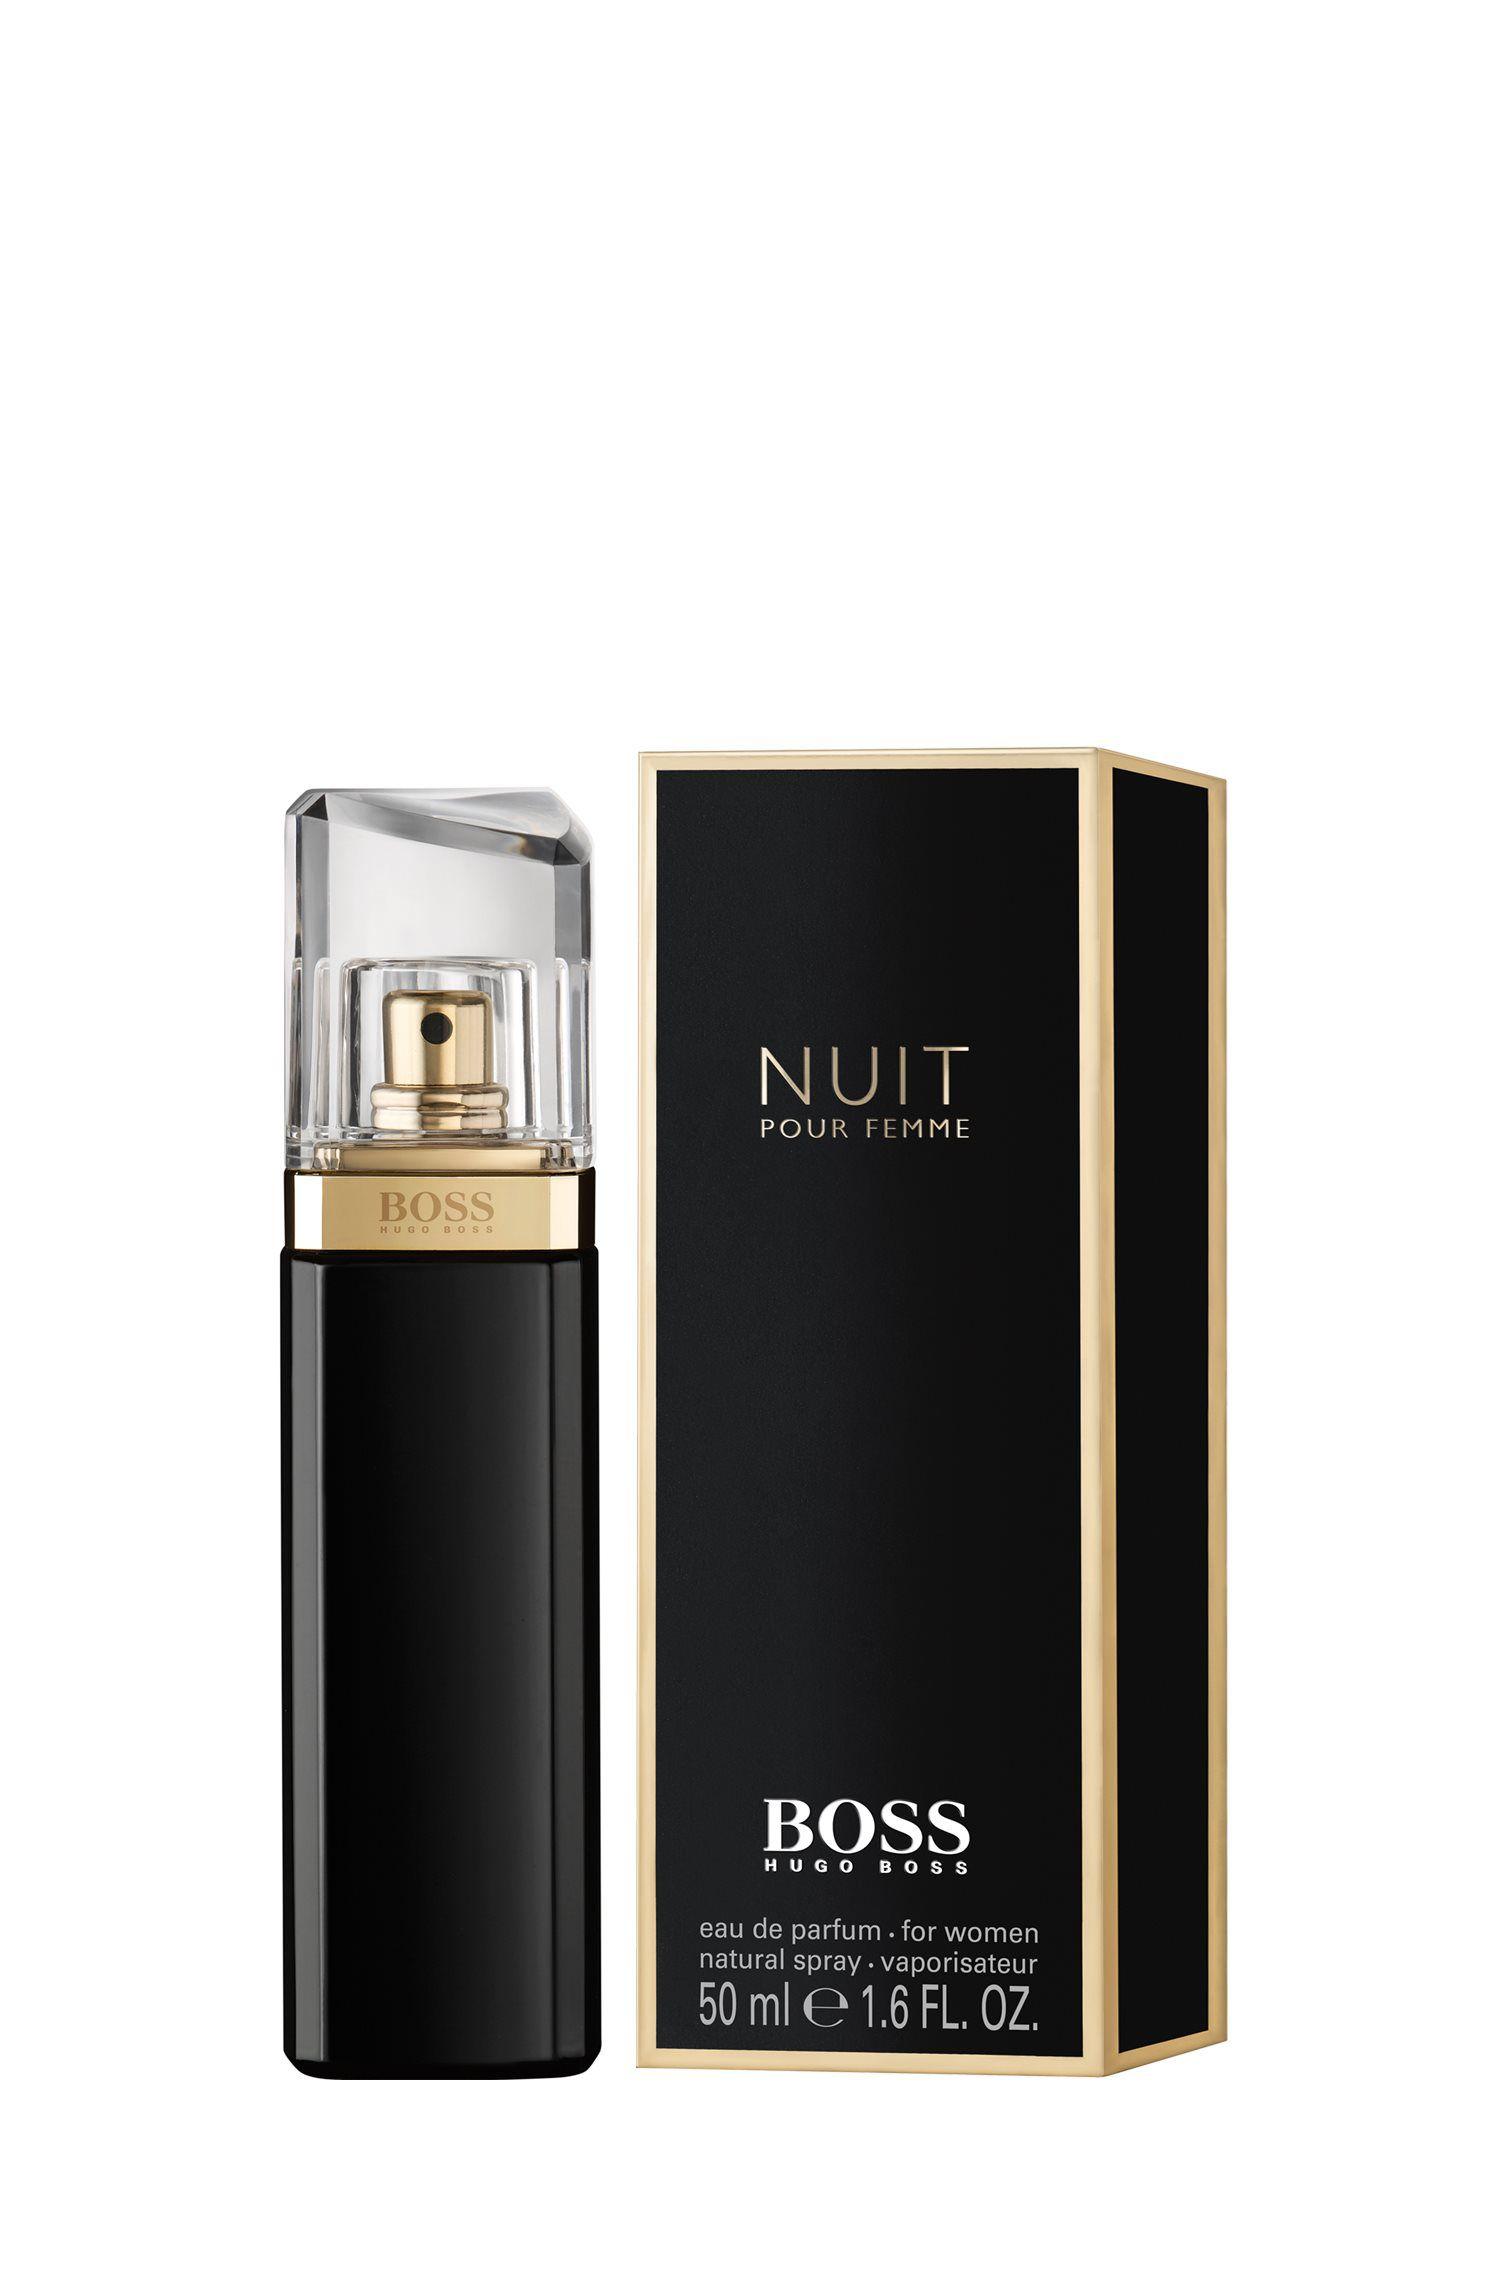 BOSS Nuit pour femme eau de parfum 50ml, Assorted-Pre-Pack